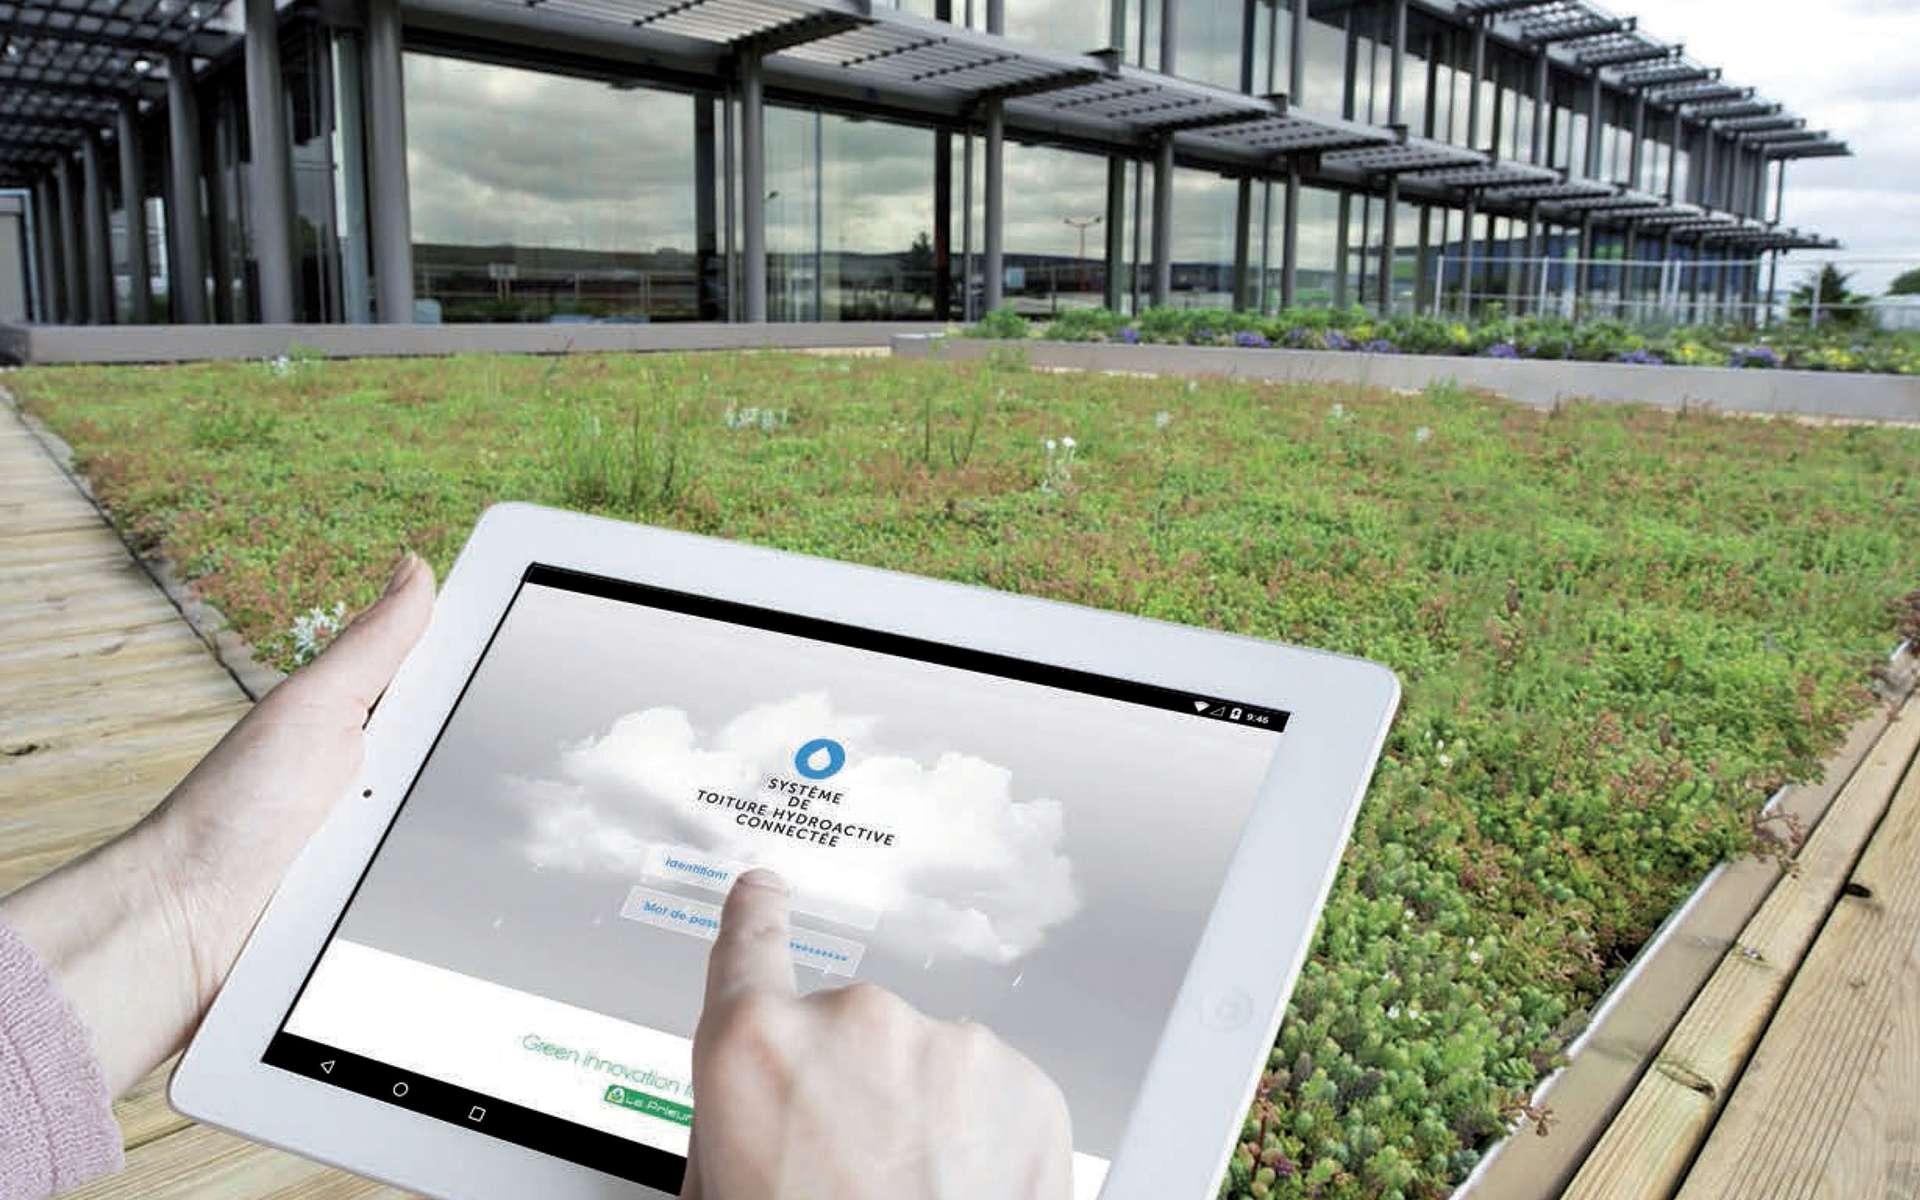 Mondial du bâtiment : quel sera l'habitat du futur ? Ici, Hydroventiv, une toiture végétalisée et connectée. L'eau de pluie est récupérée sous la surface et restituée à la végétation par capillarité quand le temps est sec. Par temps chaud, l'évapotranspiration réduit la température dans le bâtiment. Un exemple de ce que pourrait être l'habitat du futur. © Le Prieuré